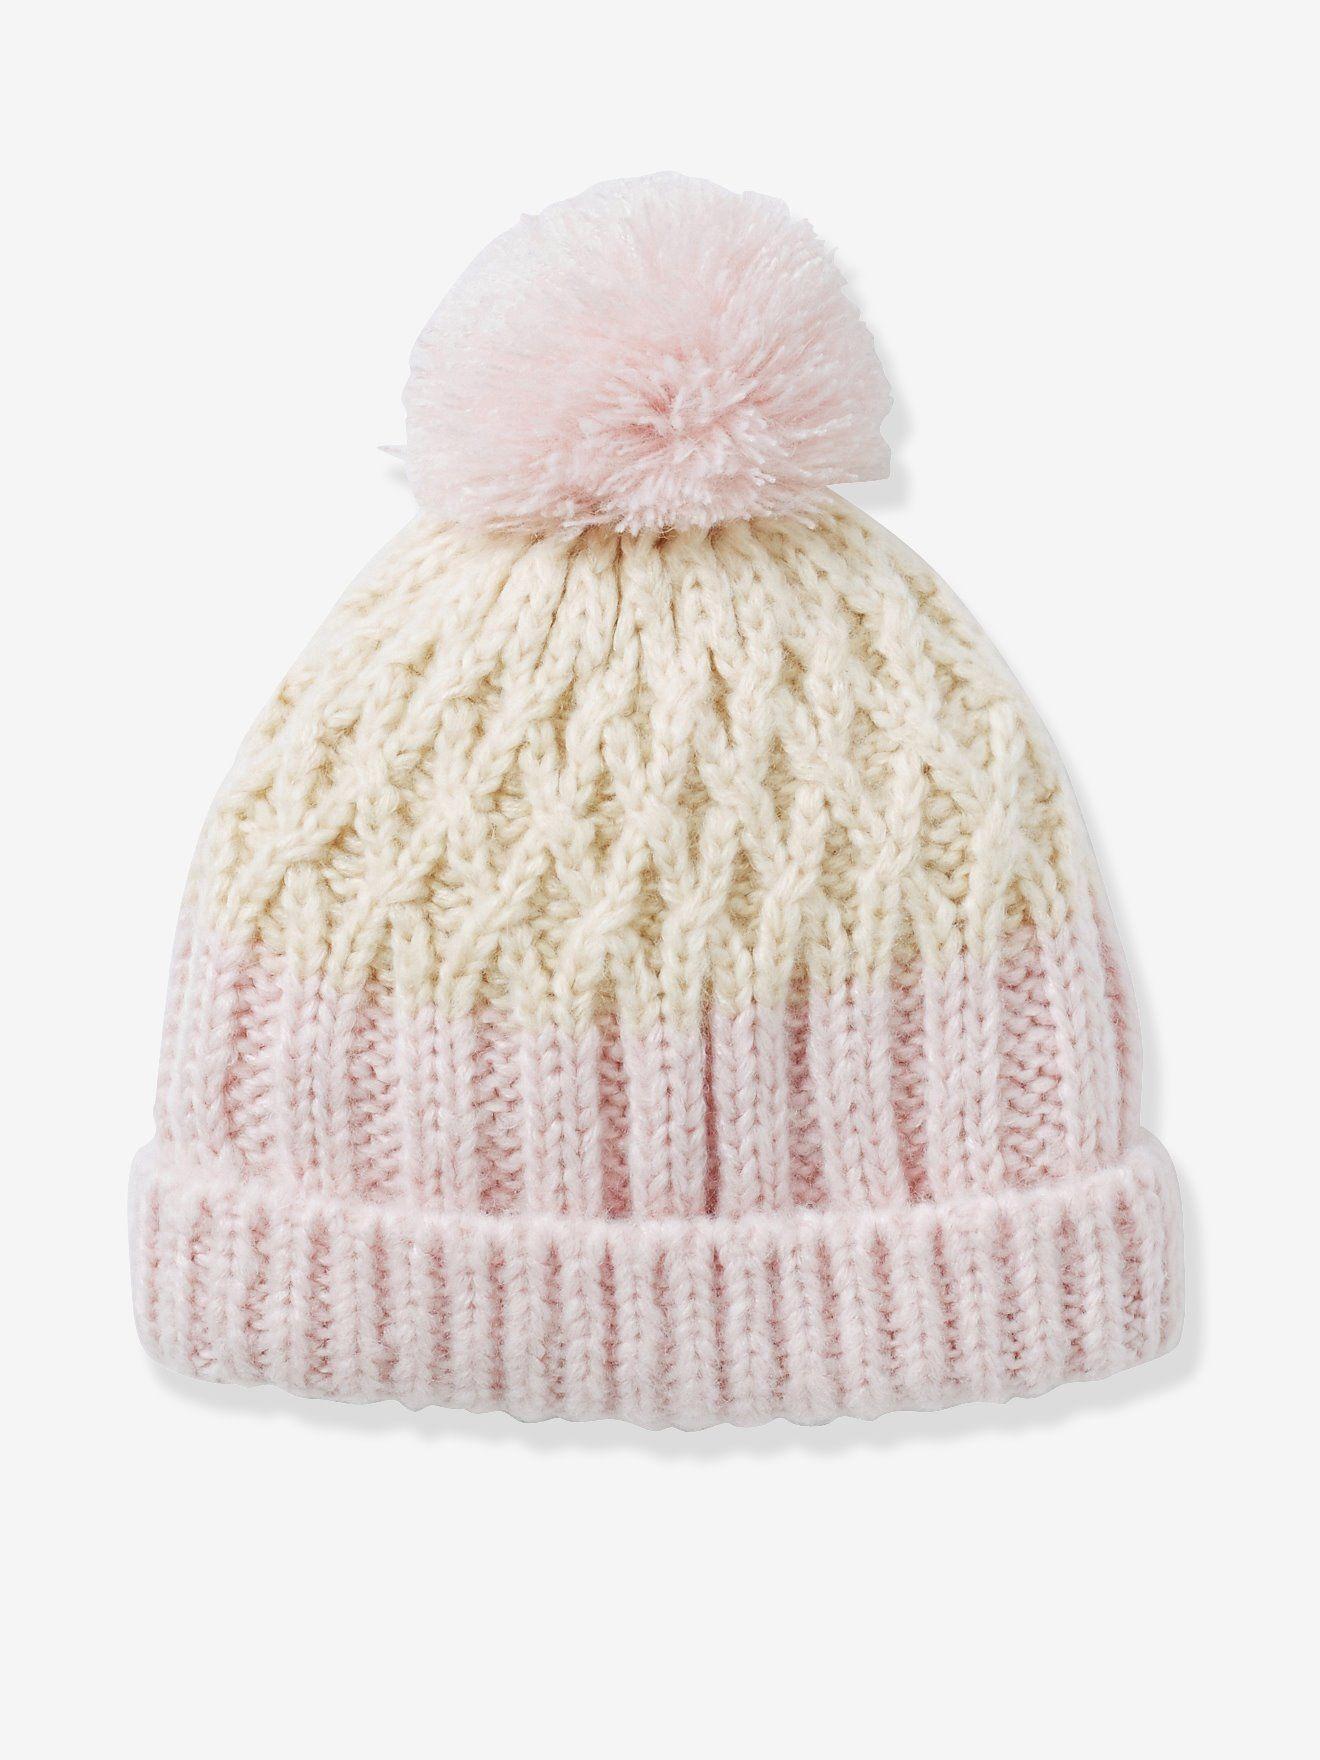 Bonnet fille bicolore beige clair - Couleurs toutes douces et grosse maille  torsadée pour un bonnet 171c152faa4